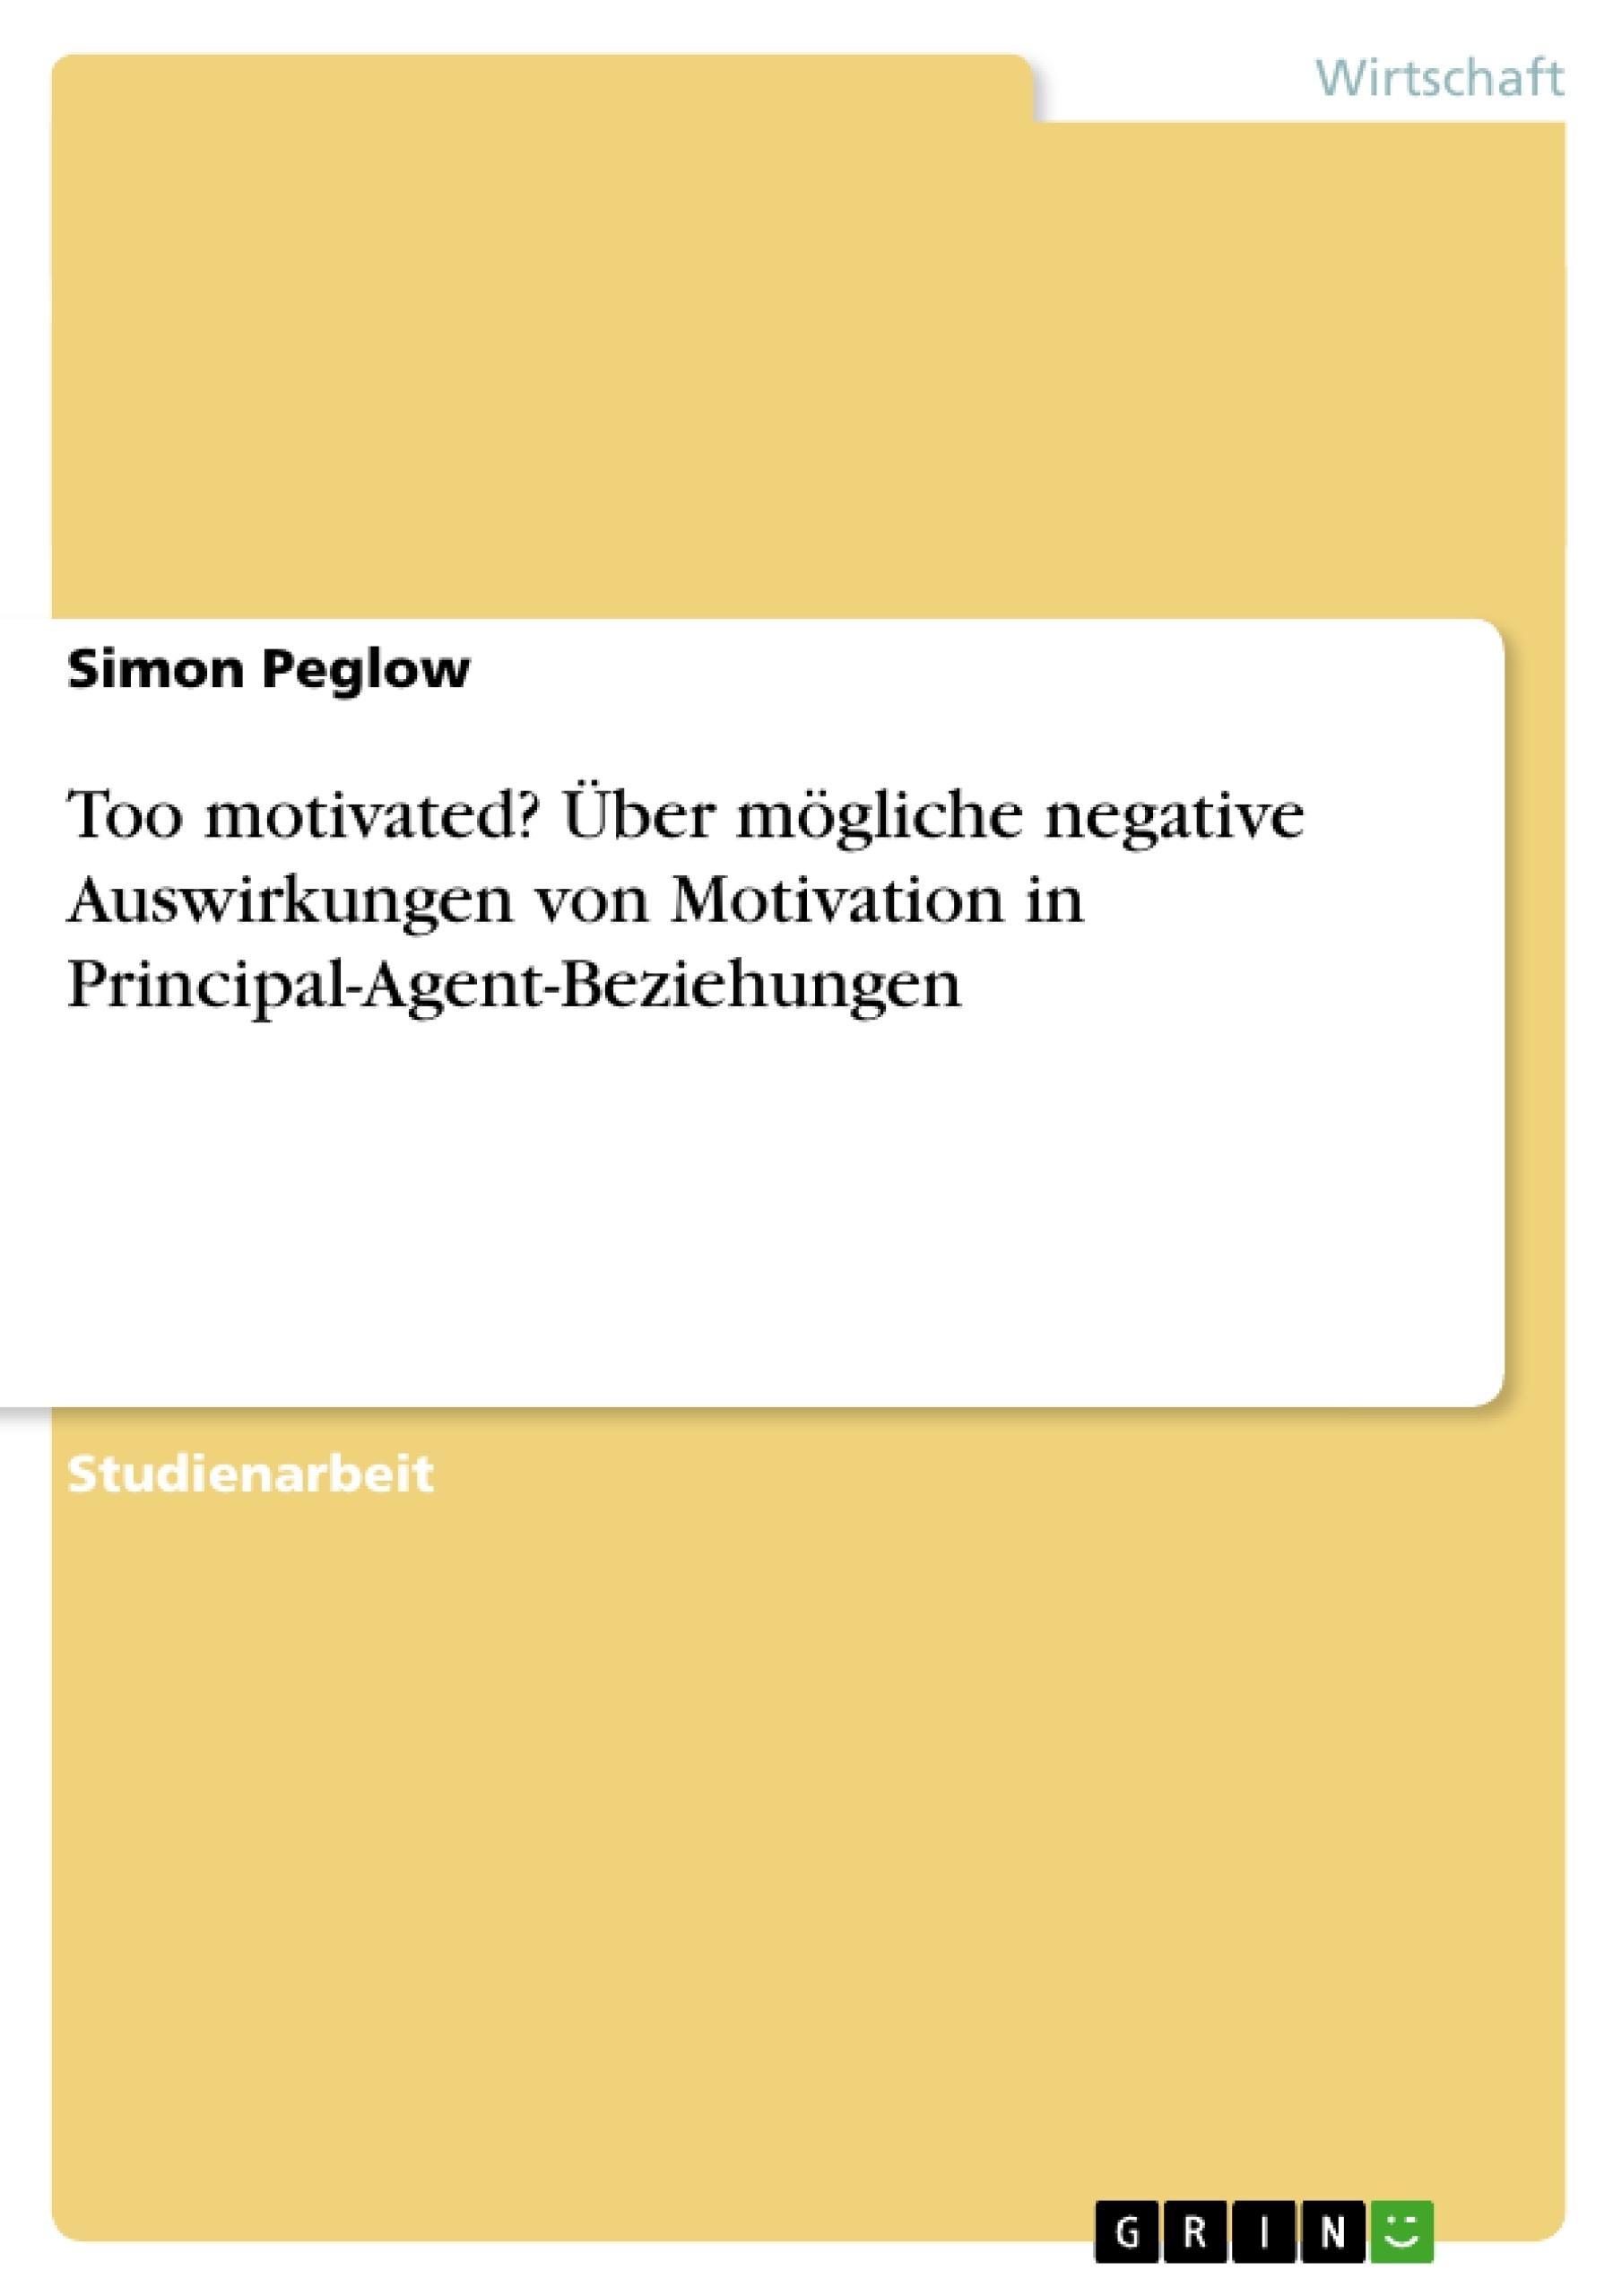 Titel: Too motivated? Über mögliche negative Auswirkungen von Motivation in Principal-Agent-Beziehungen